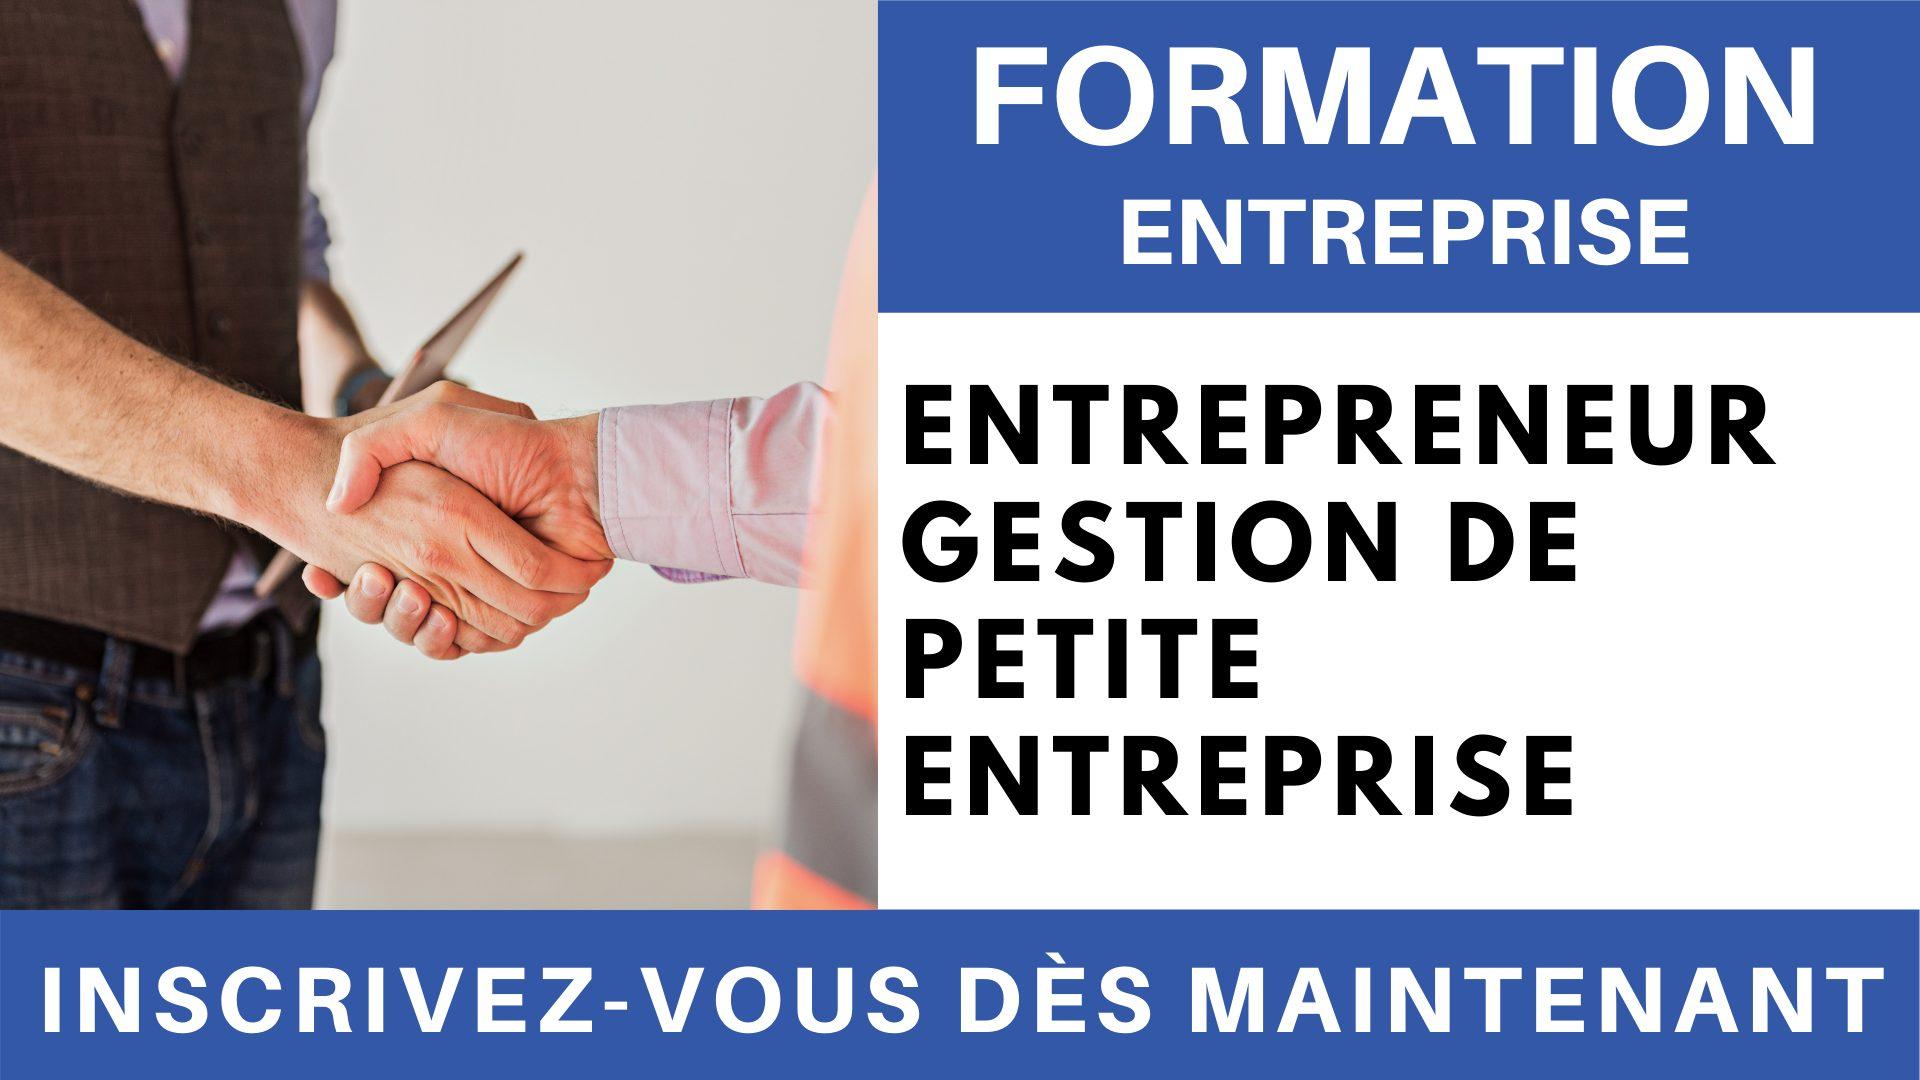 Formation Entreprise - Entrepreneur gestion de petite entreprise